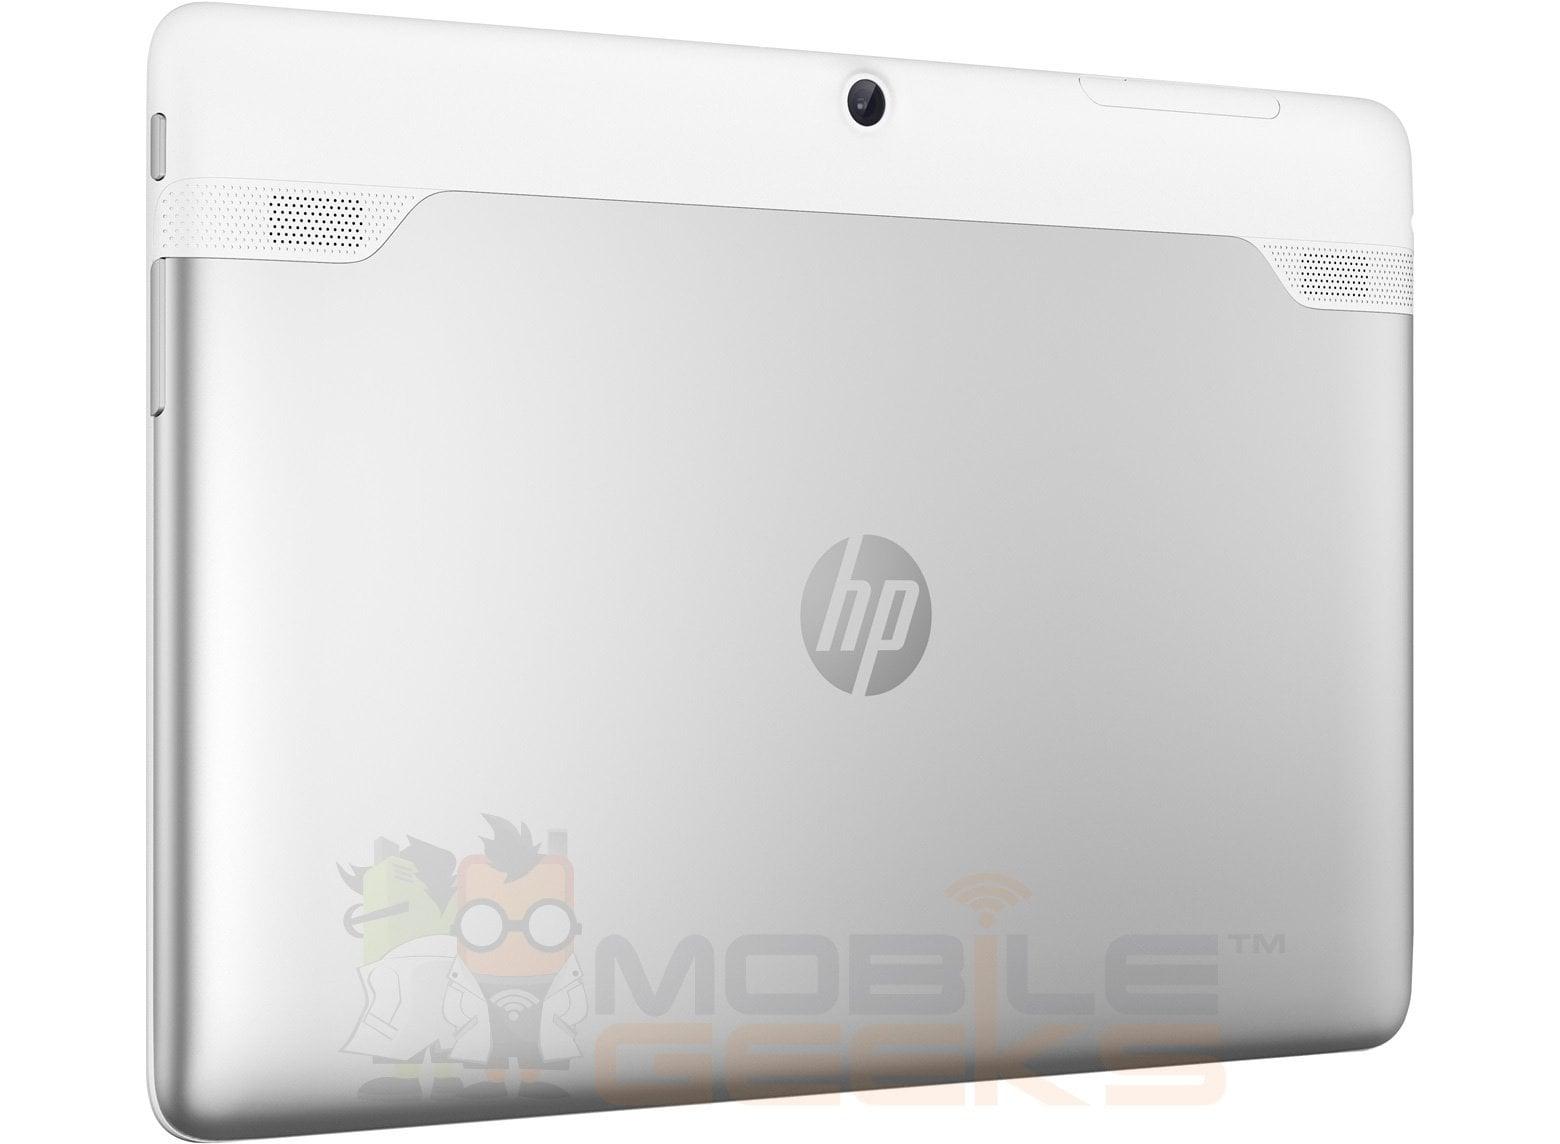 Tabletowo.pl Slate 10 Plus - Huawei MediaPad Link 10+ z logo HP nadchodzi HP Nowości Plotki / Przecieki Tablety